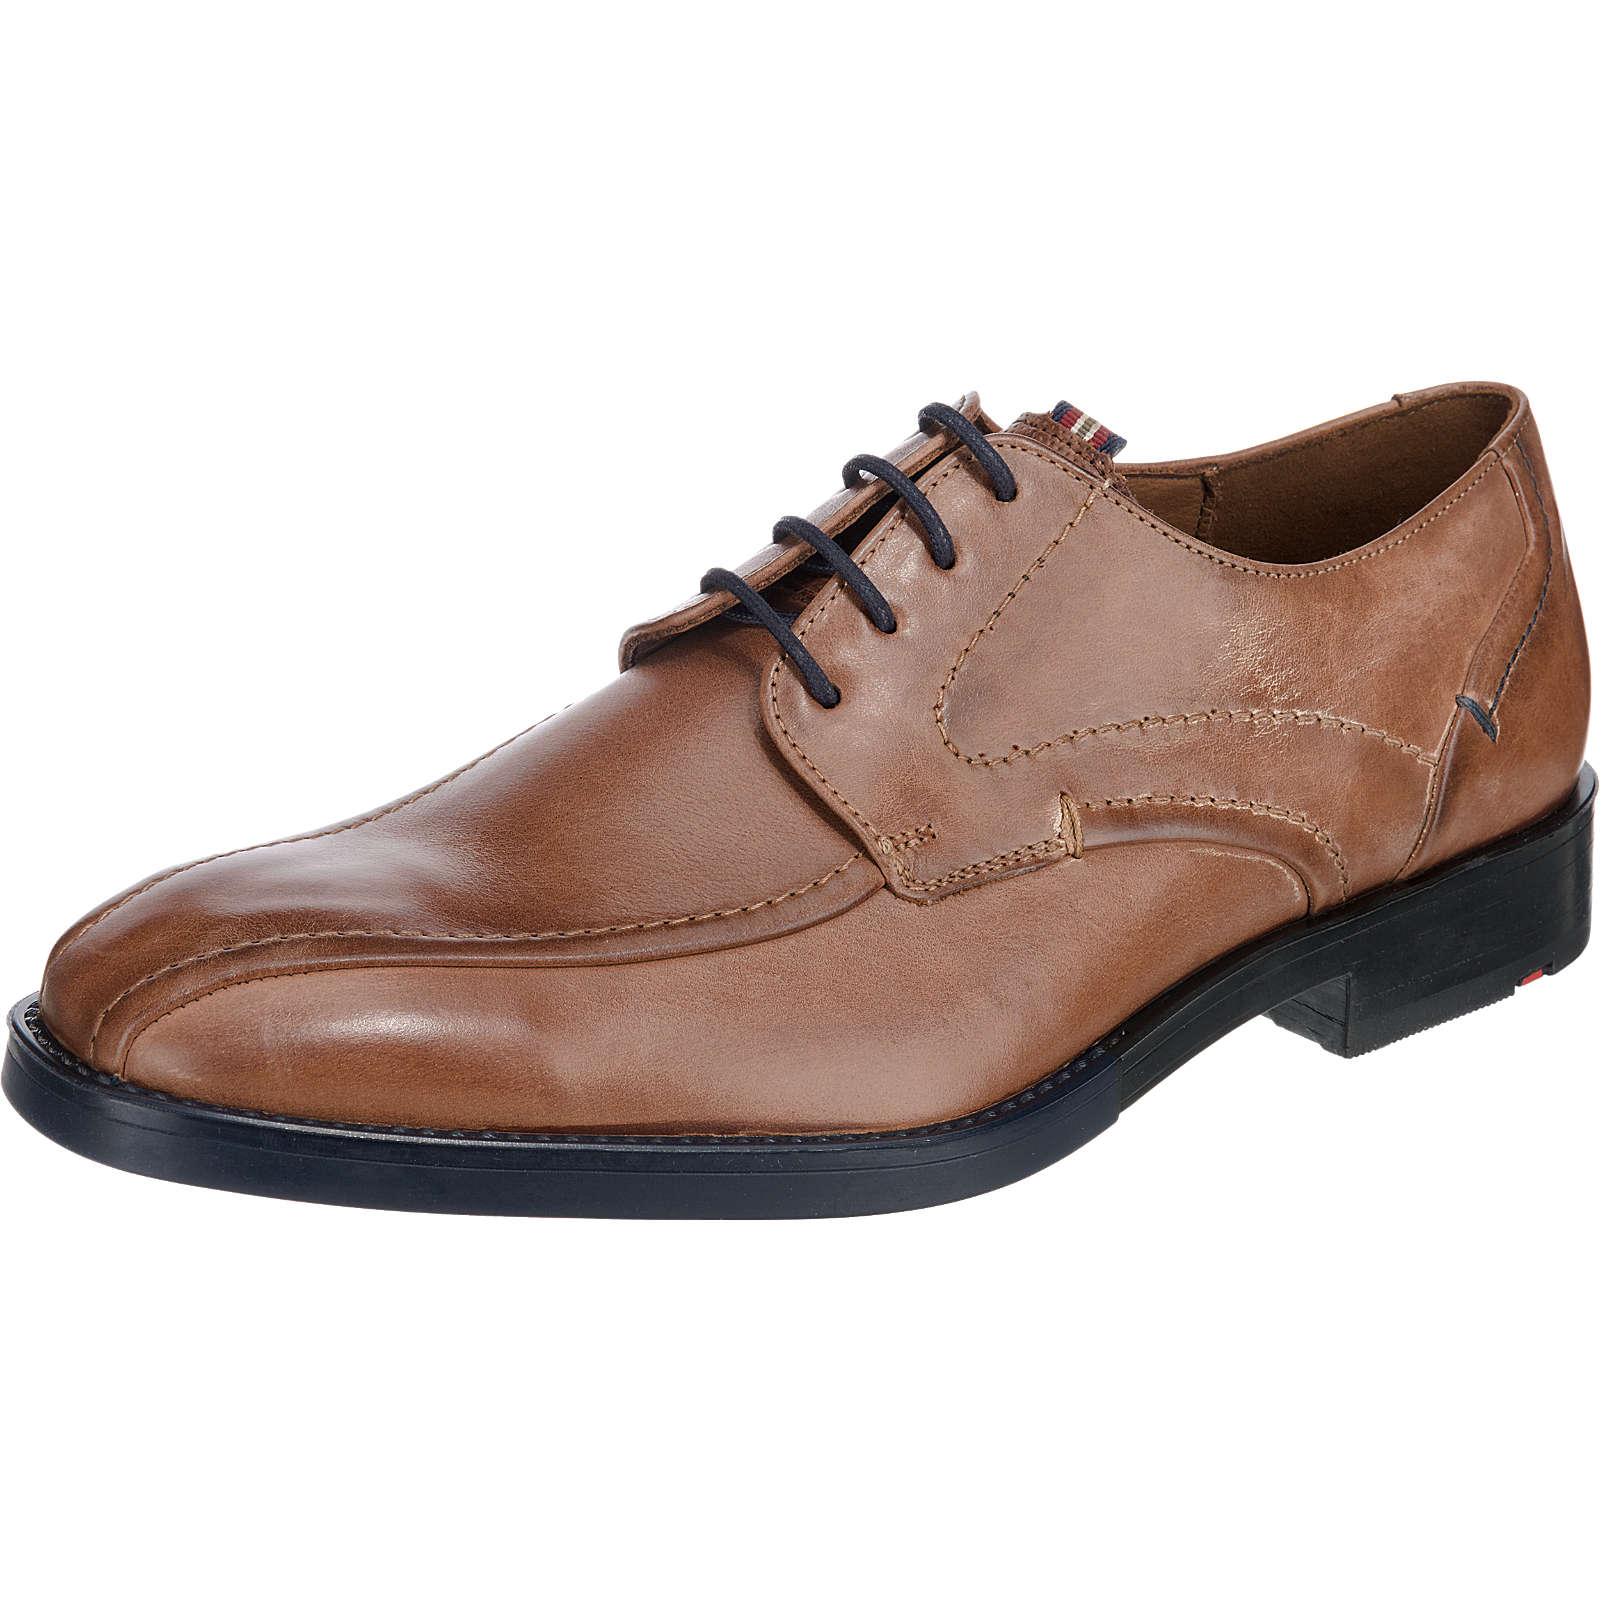 LLOYD Darcy Business Schuhe braun Herren Gr. 41